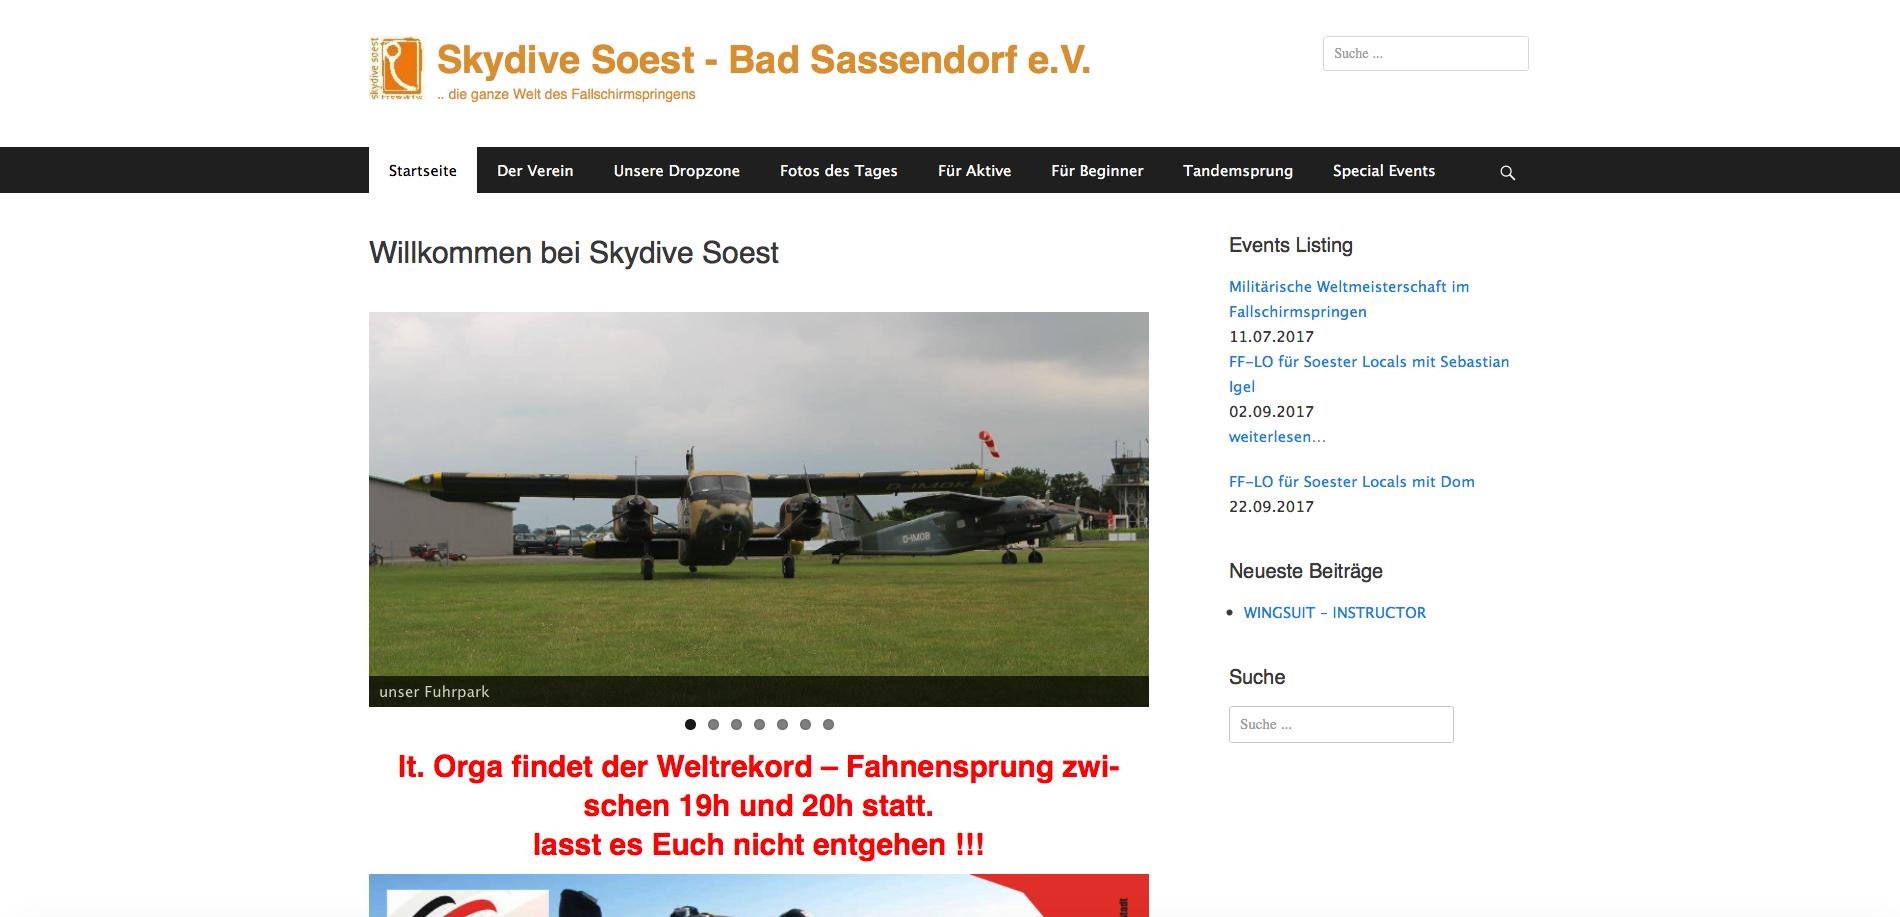 www.skydive-soest.de